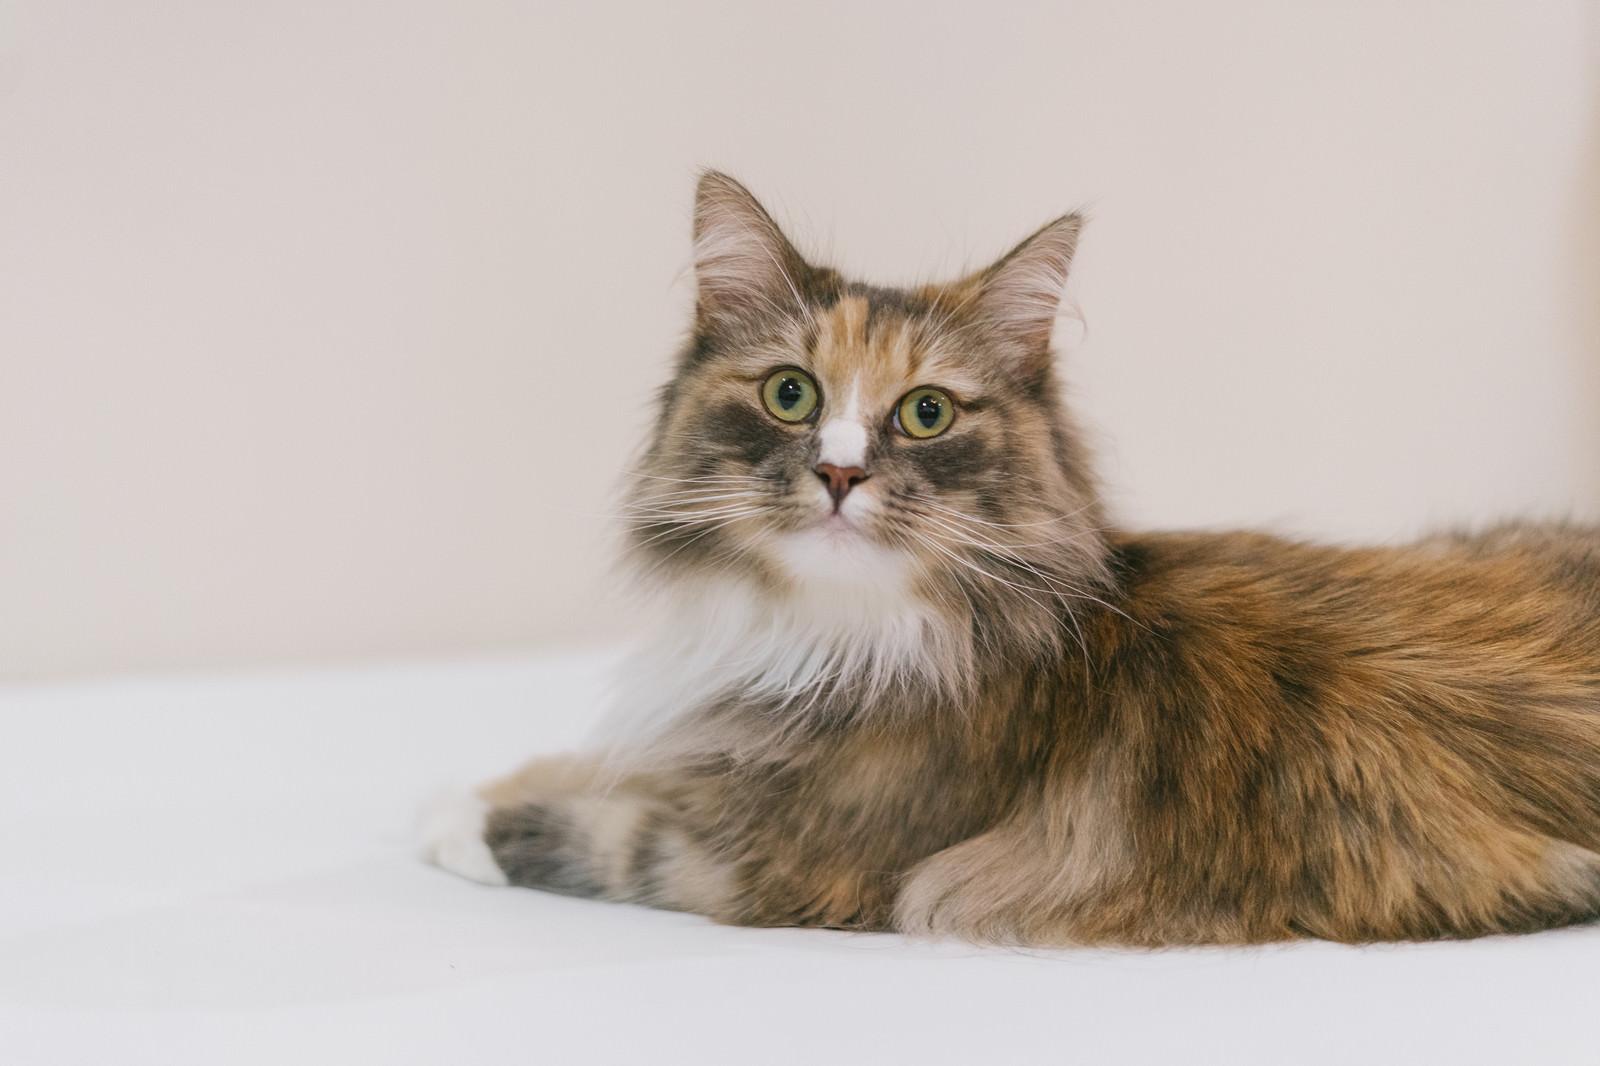 「様子をうかがう猫ちゃん」の写真